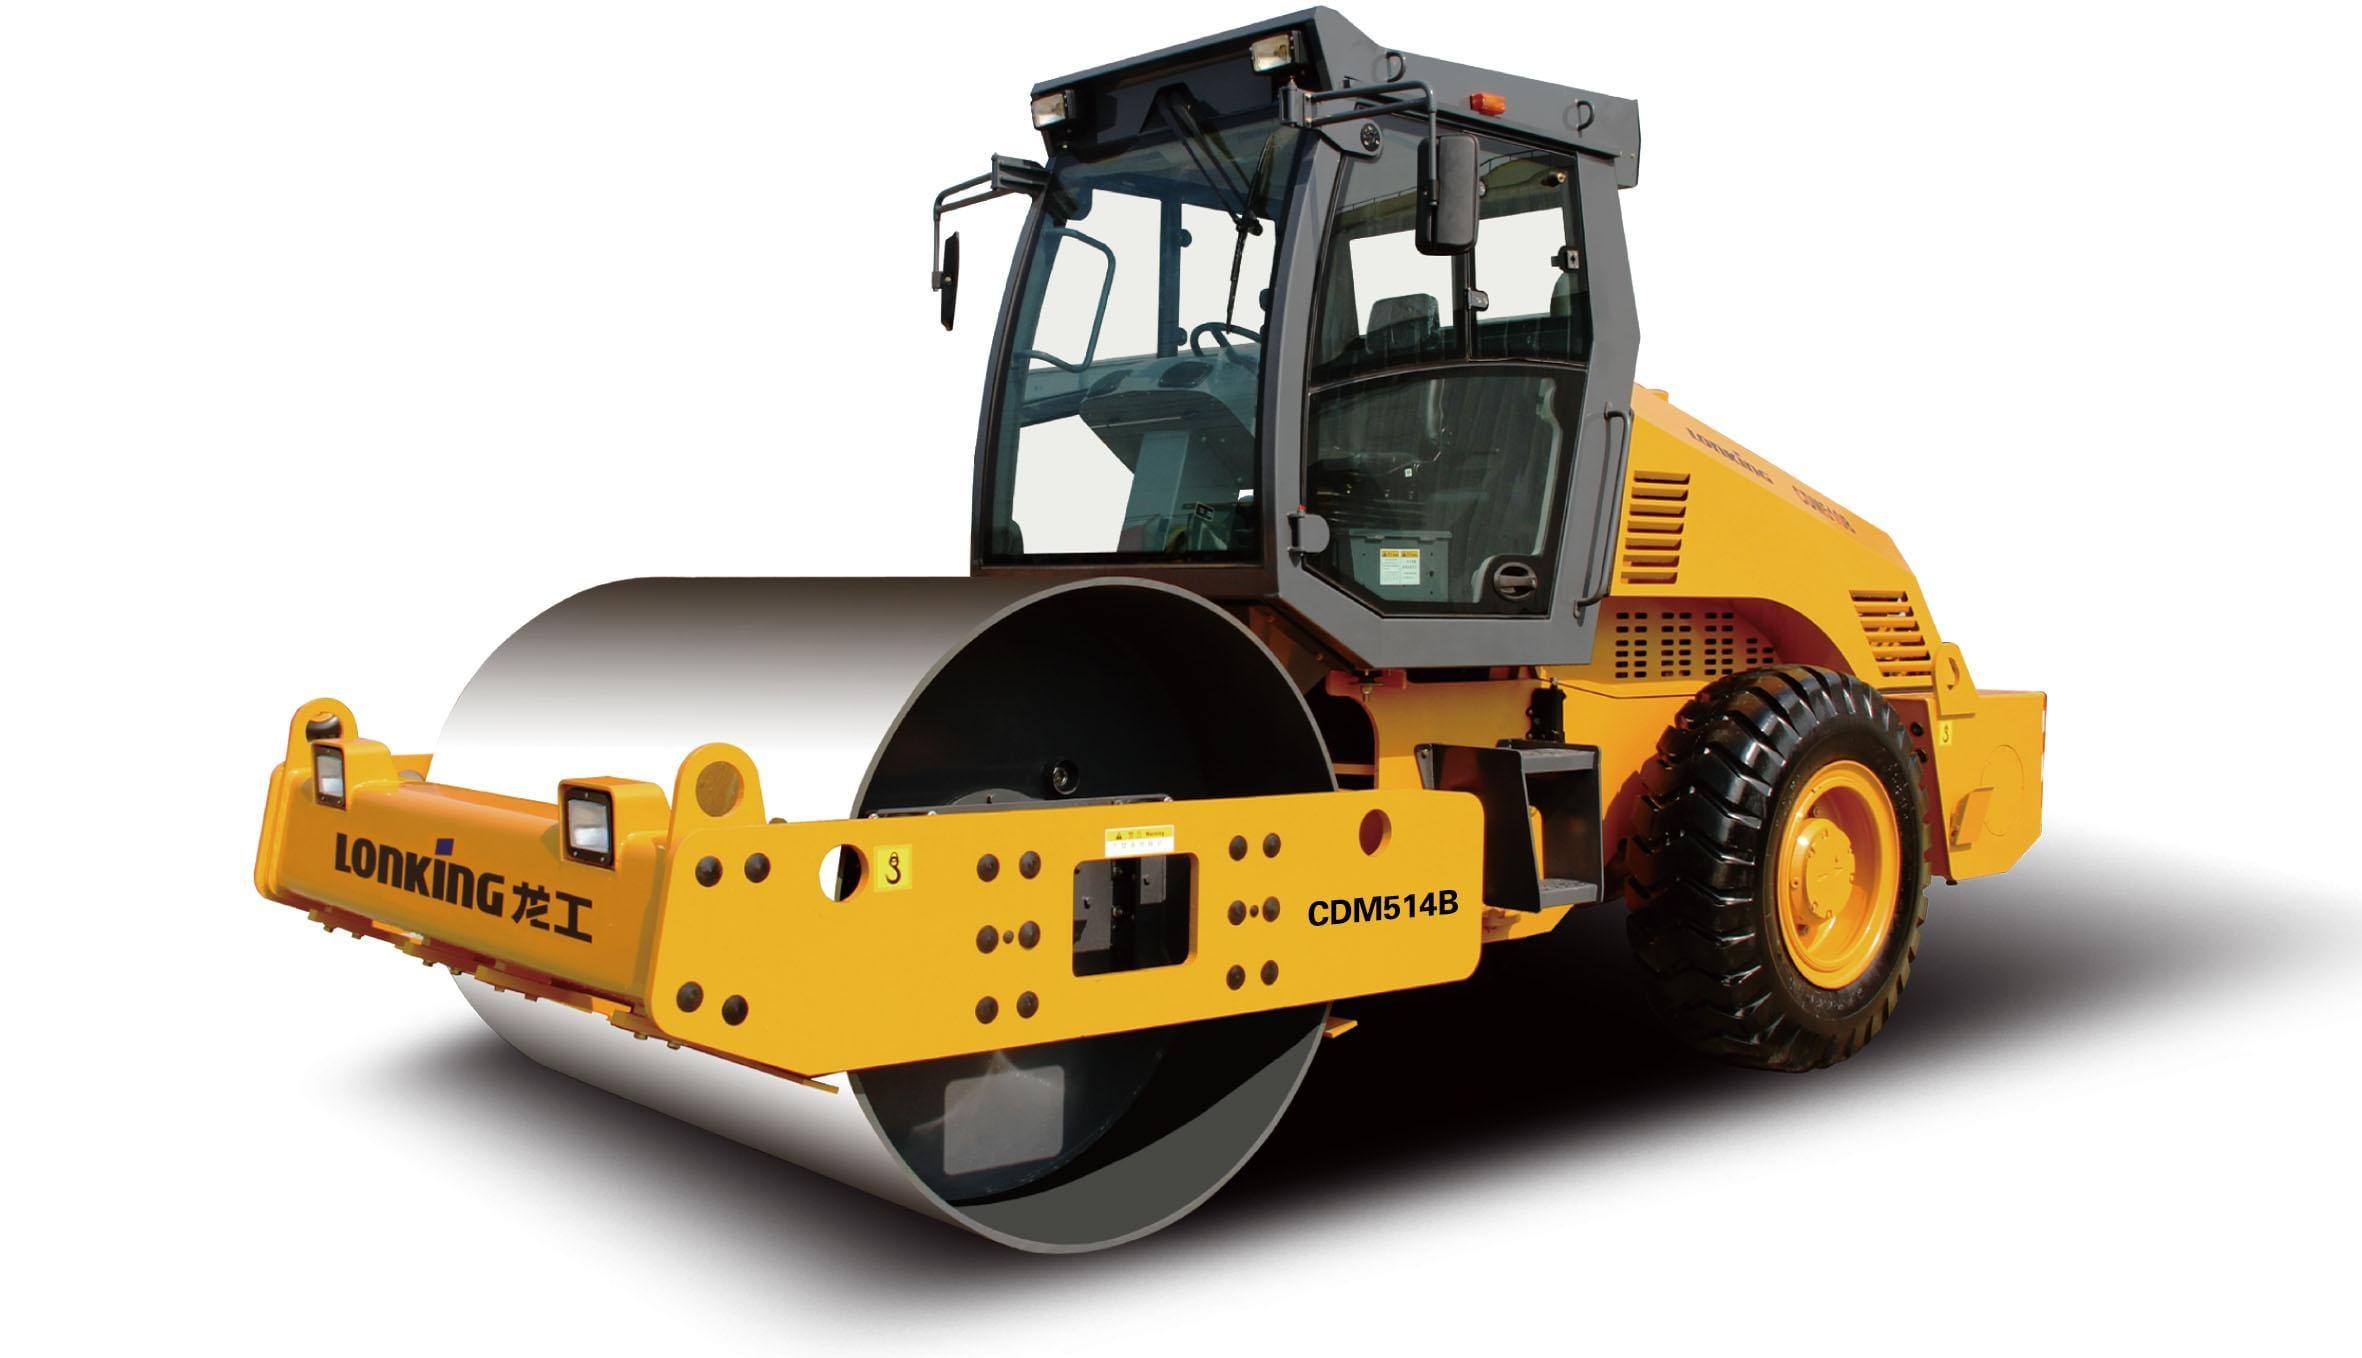 Cilindru compactor CDM514B